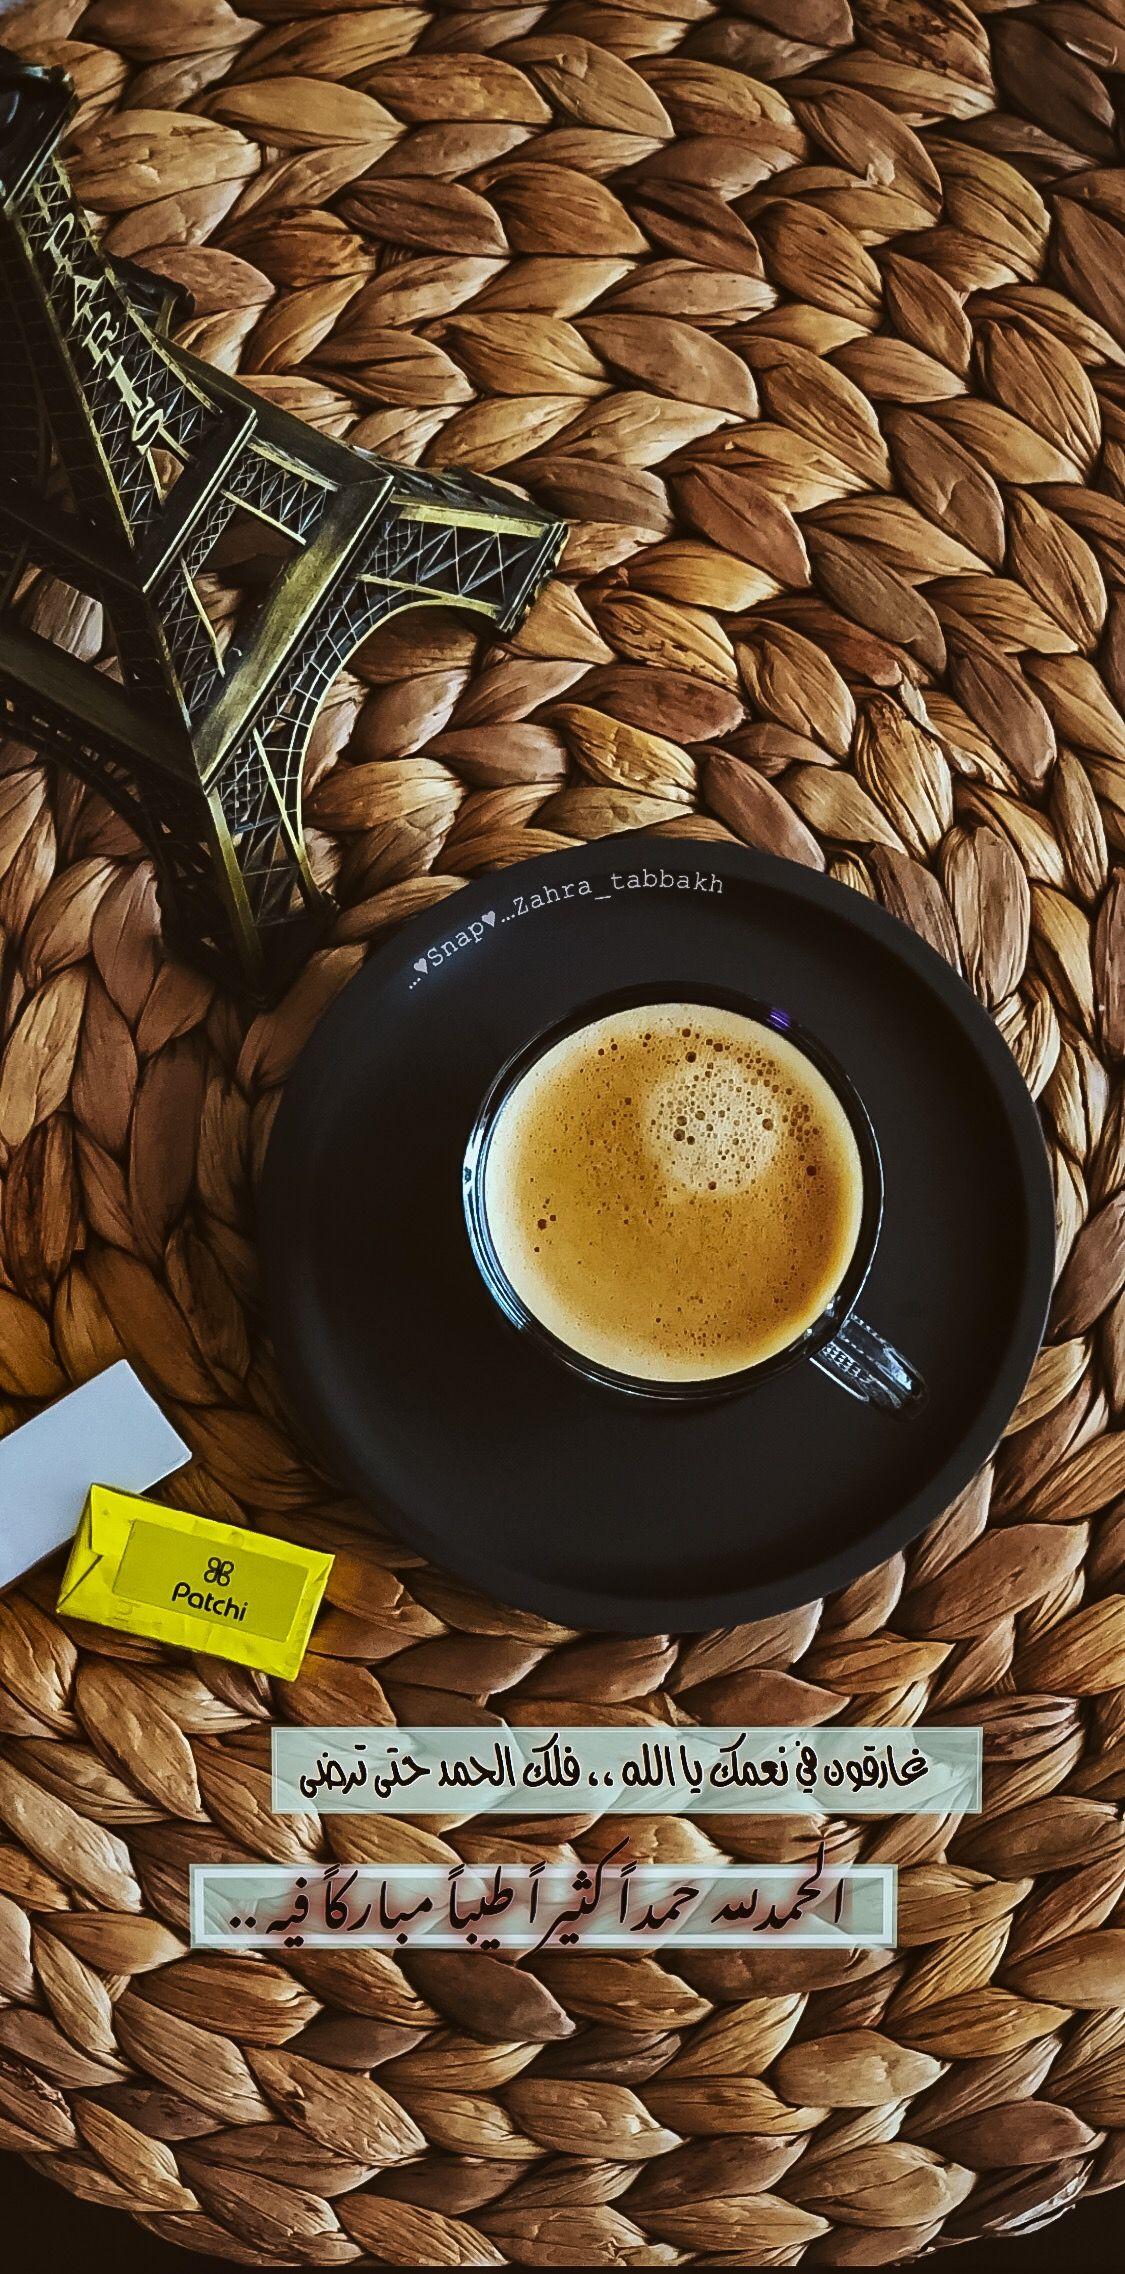 قهوة قهوتي رمزيات بيسيات سنابيات سنابية سناب صباحات صباح هدوء روقان Food Breakfast Coffee